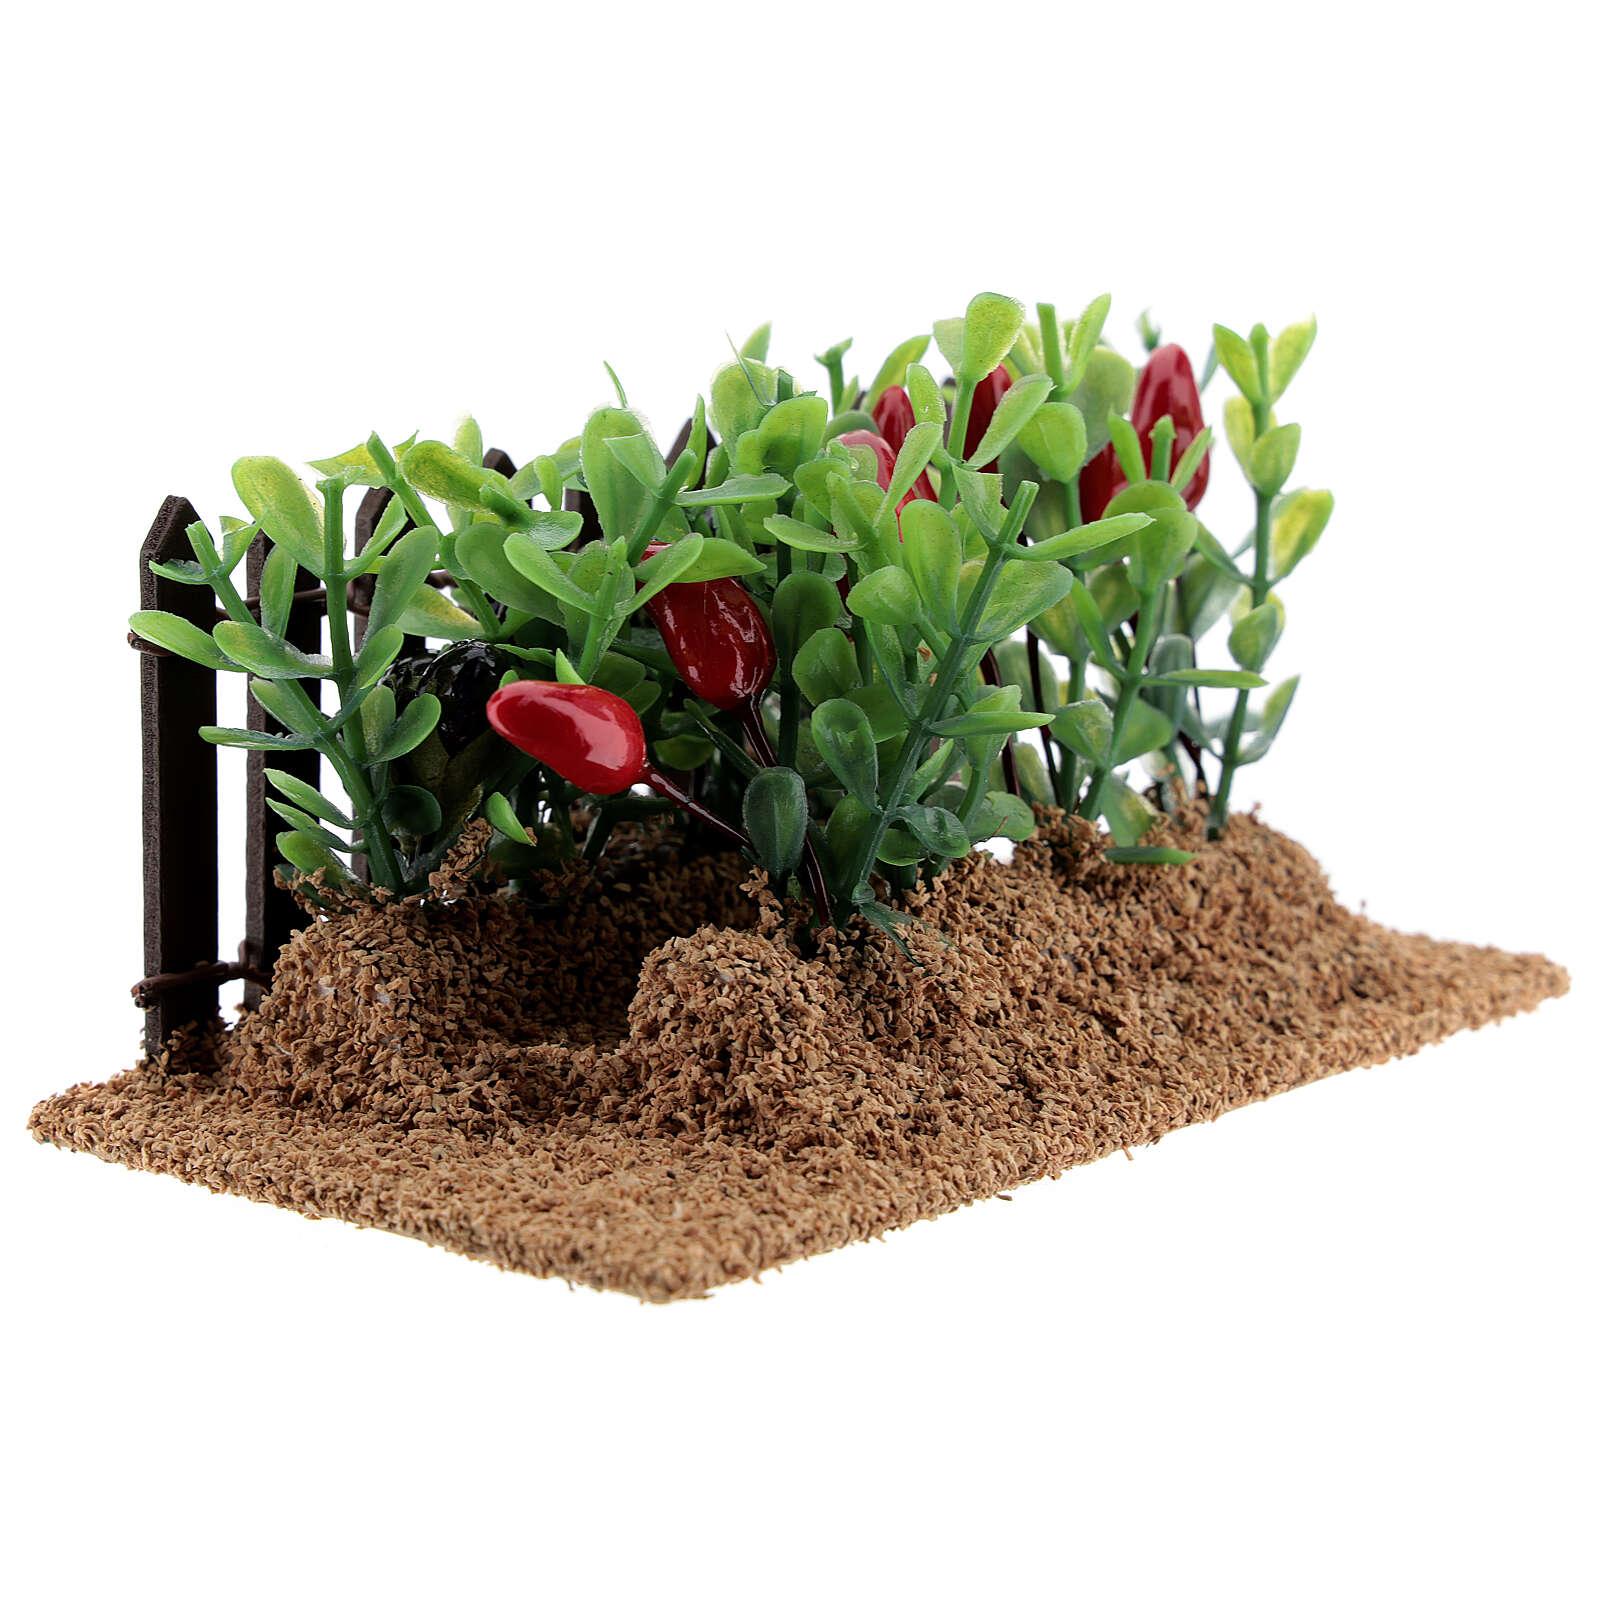 Horta com pimentas miniatura PVC para presépio com figuras altura média 12-14 cm 4